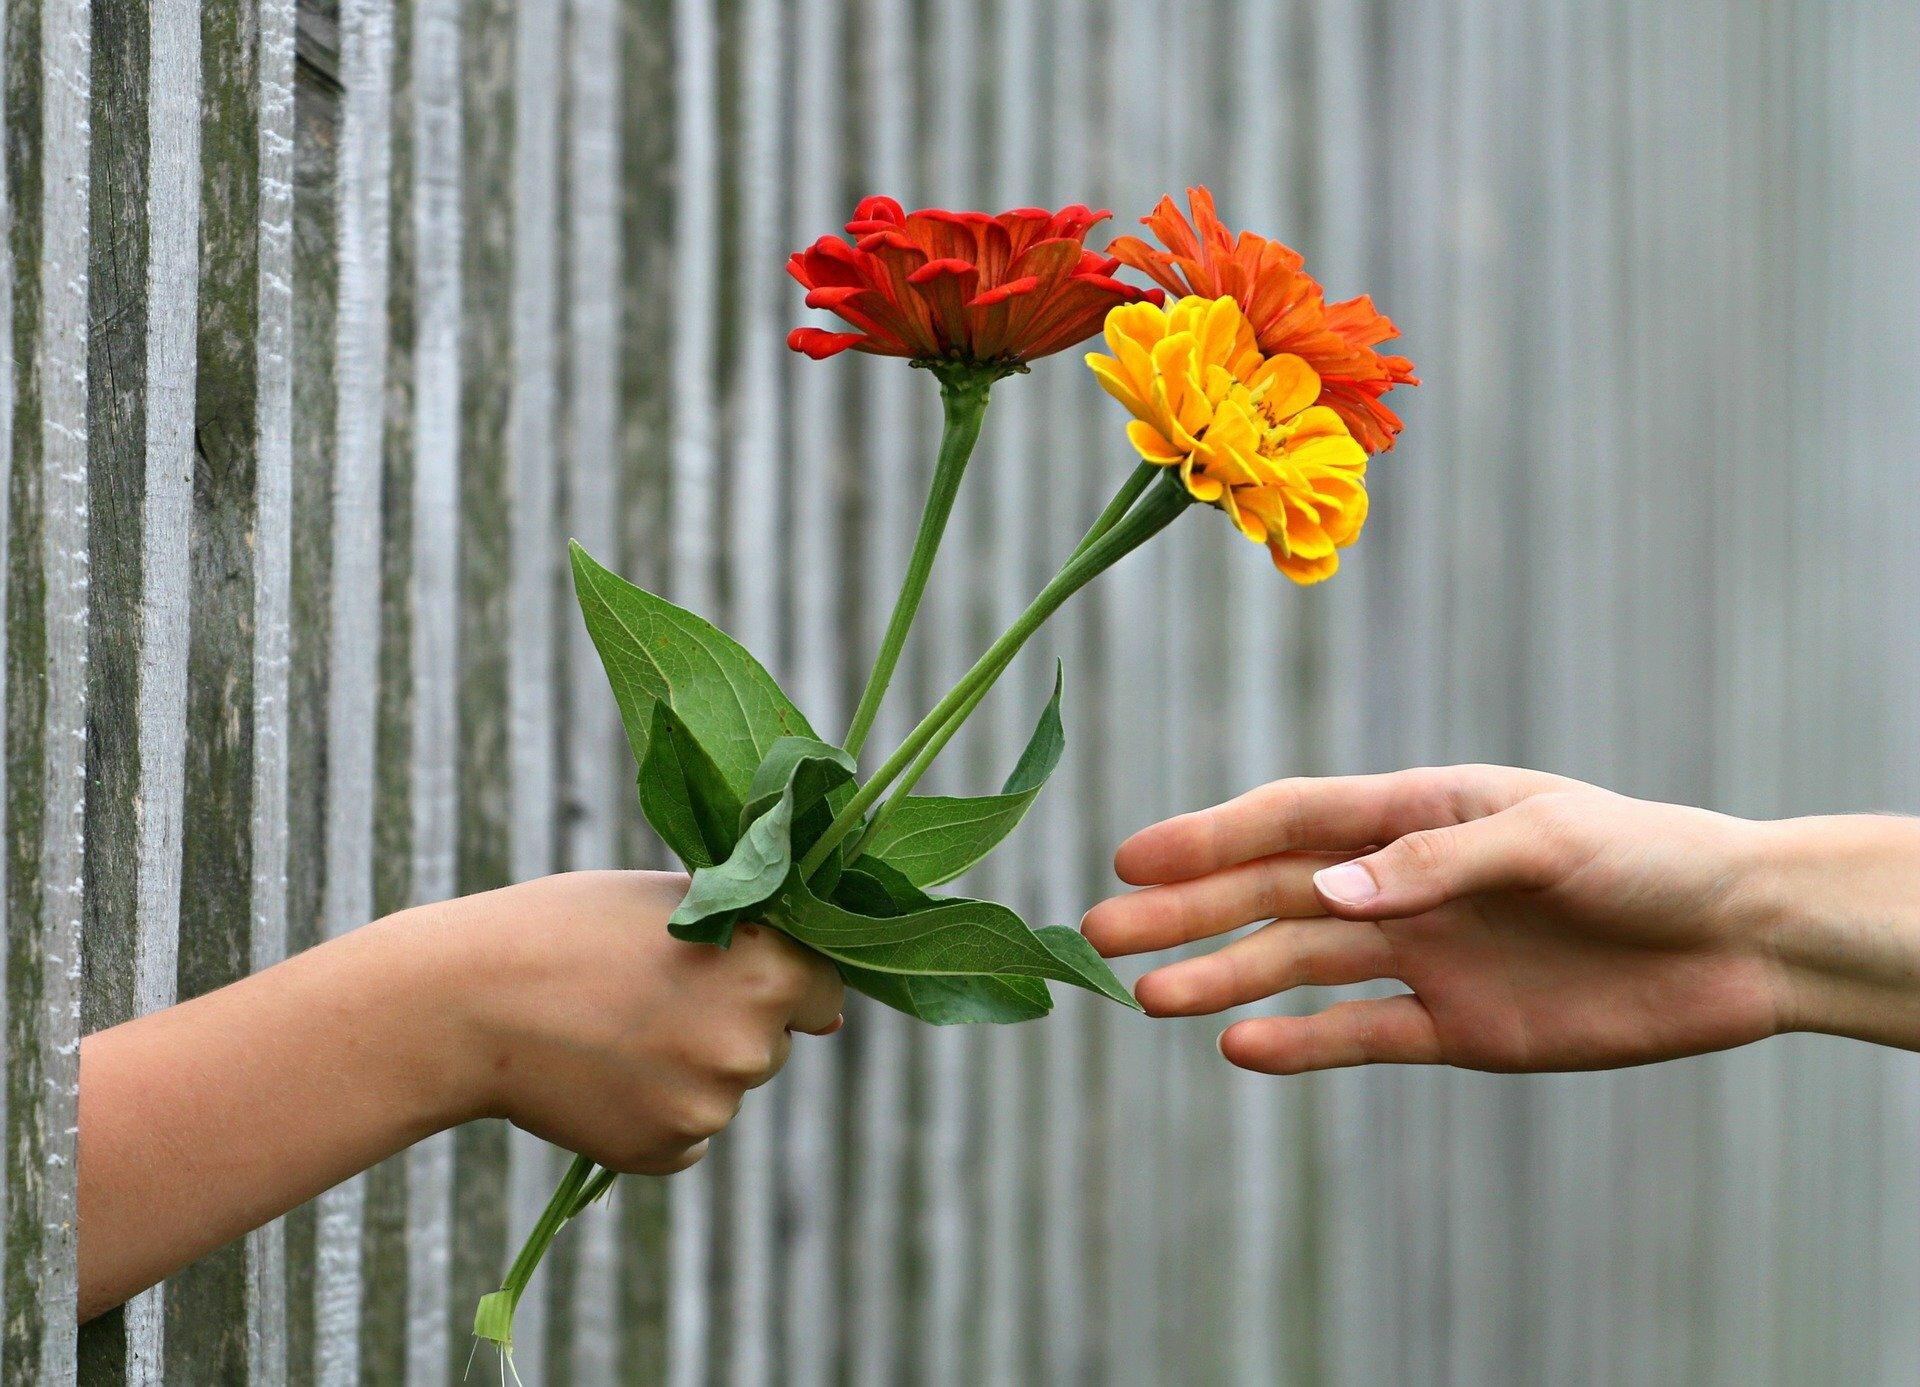 Flowers hands